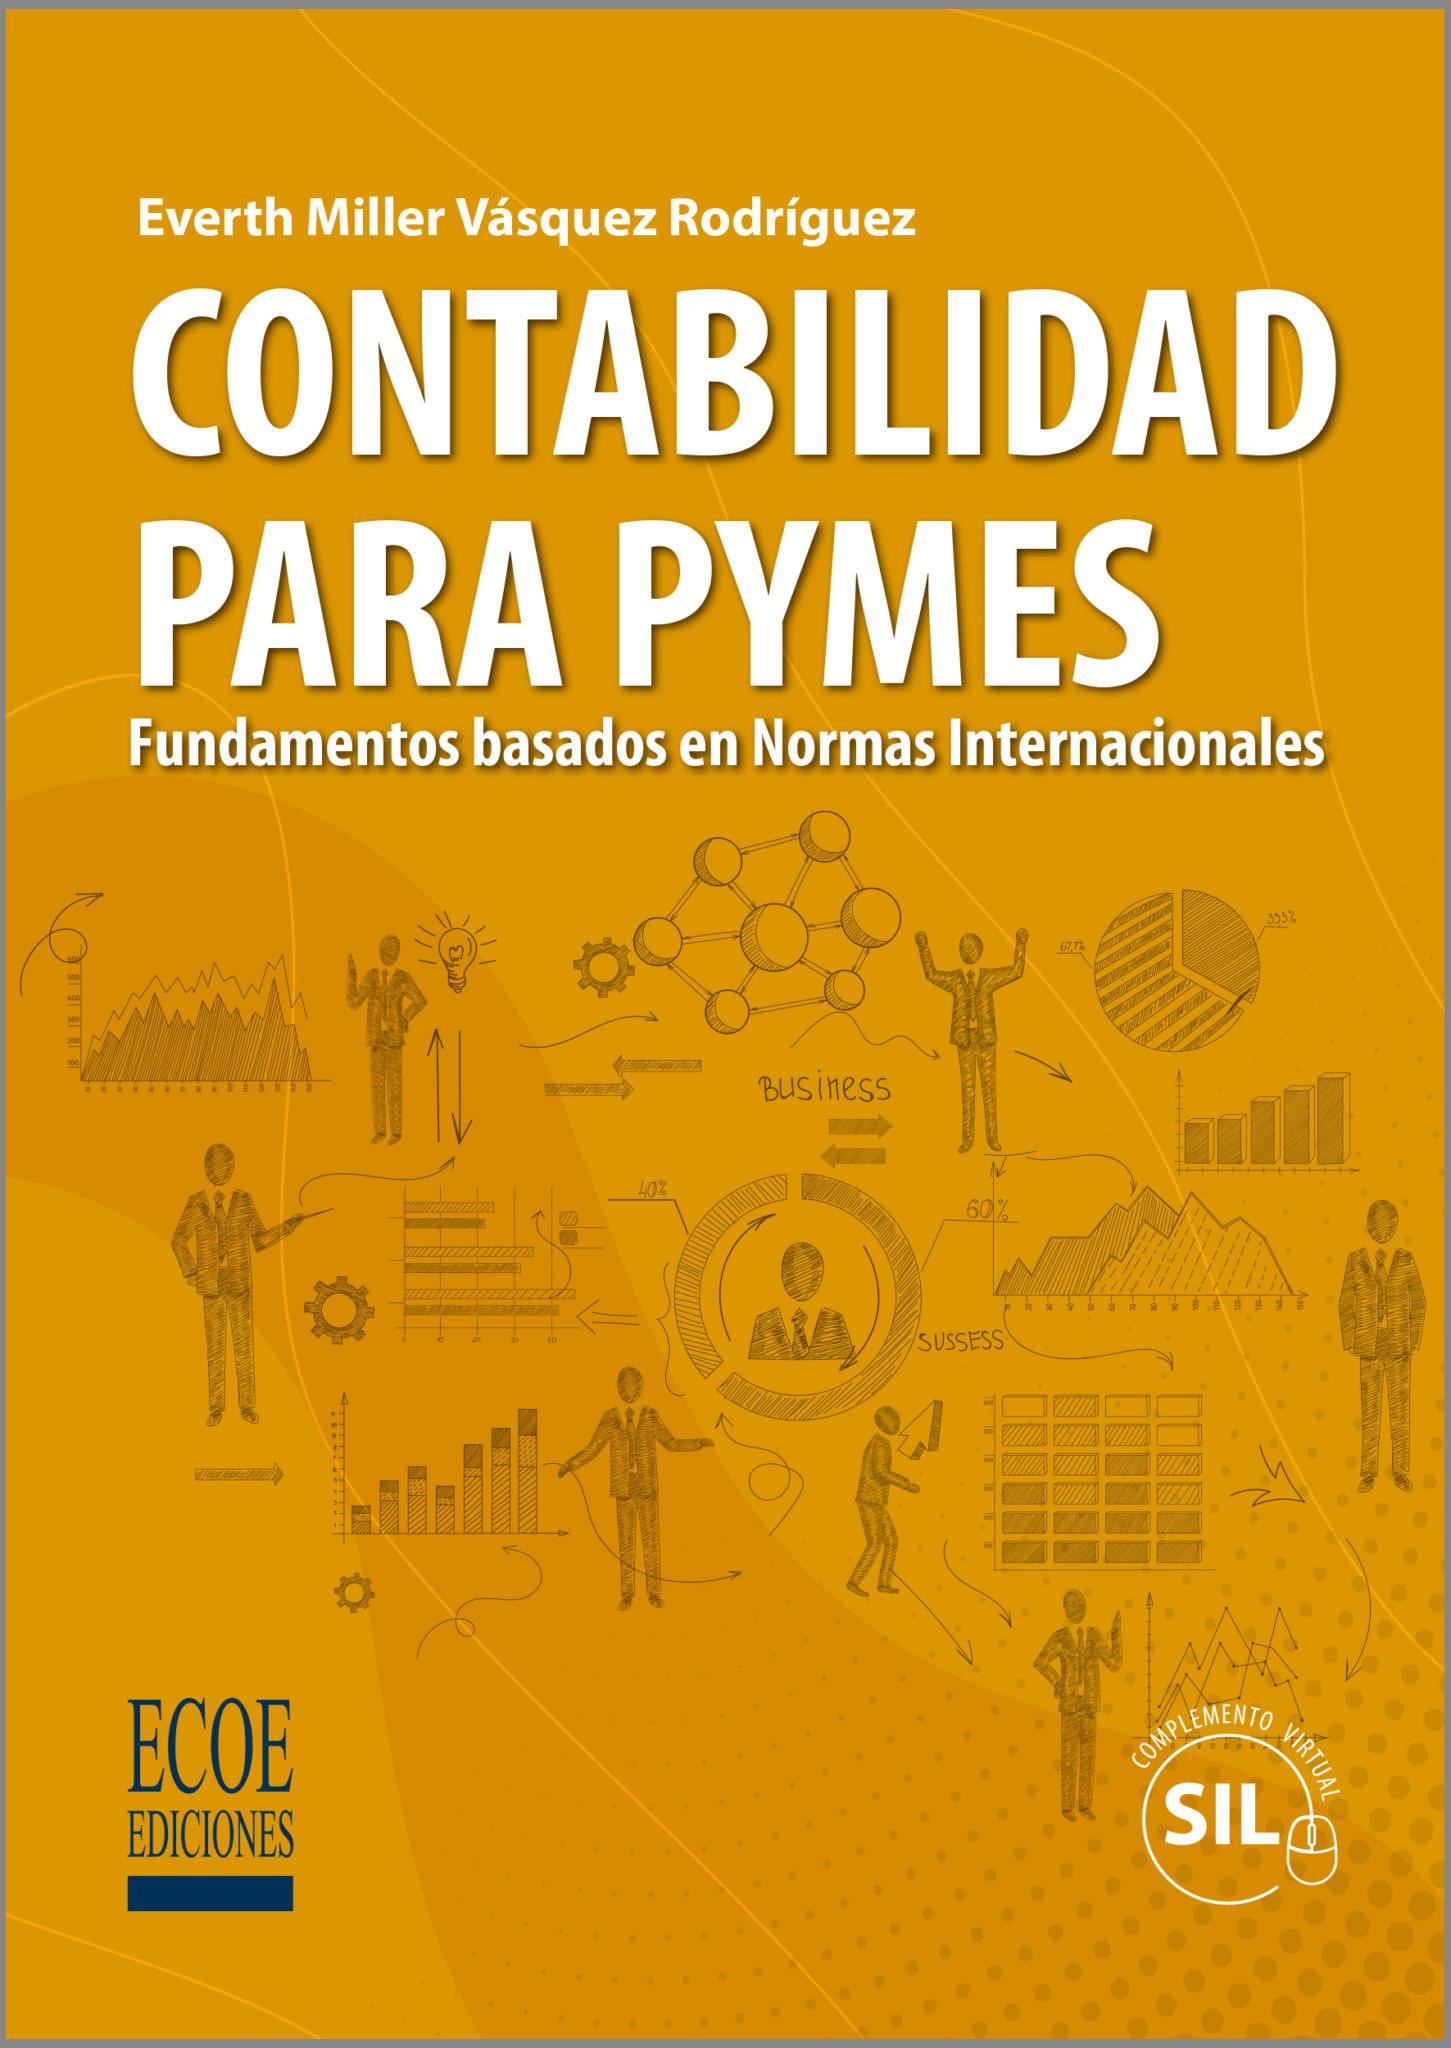 Contabilidad para Pymes | Ecoe Ediciones